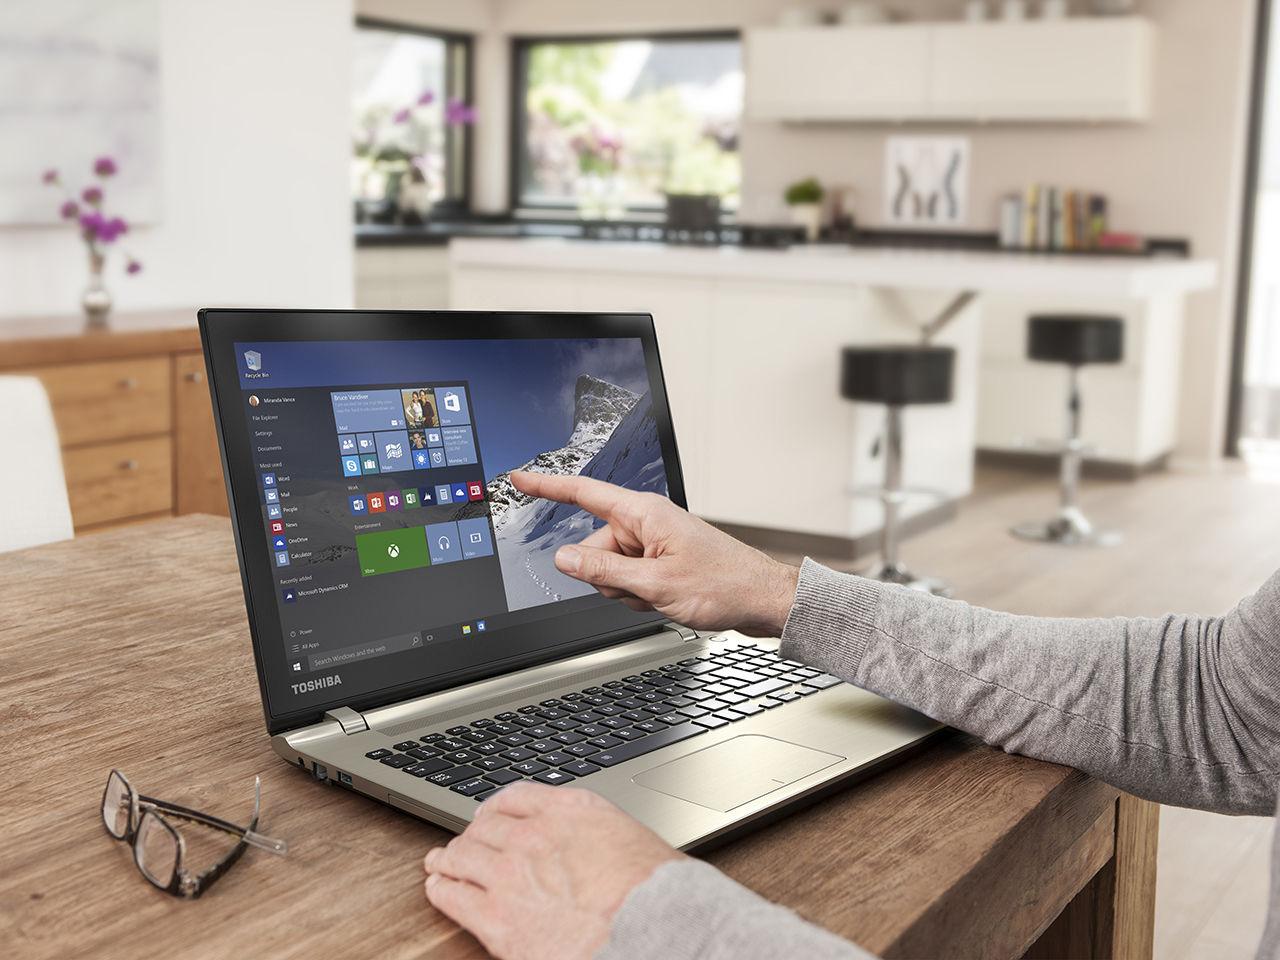 Toshiba släpper nya laptops med dedikerad Cortana-knapp